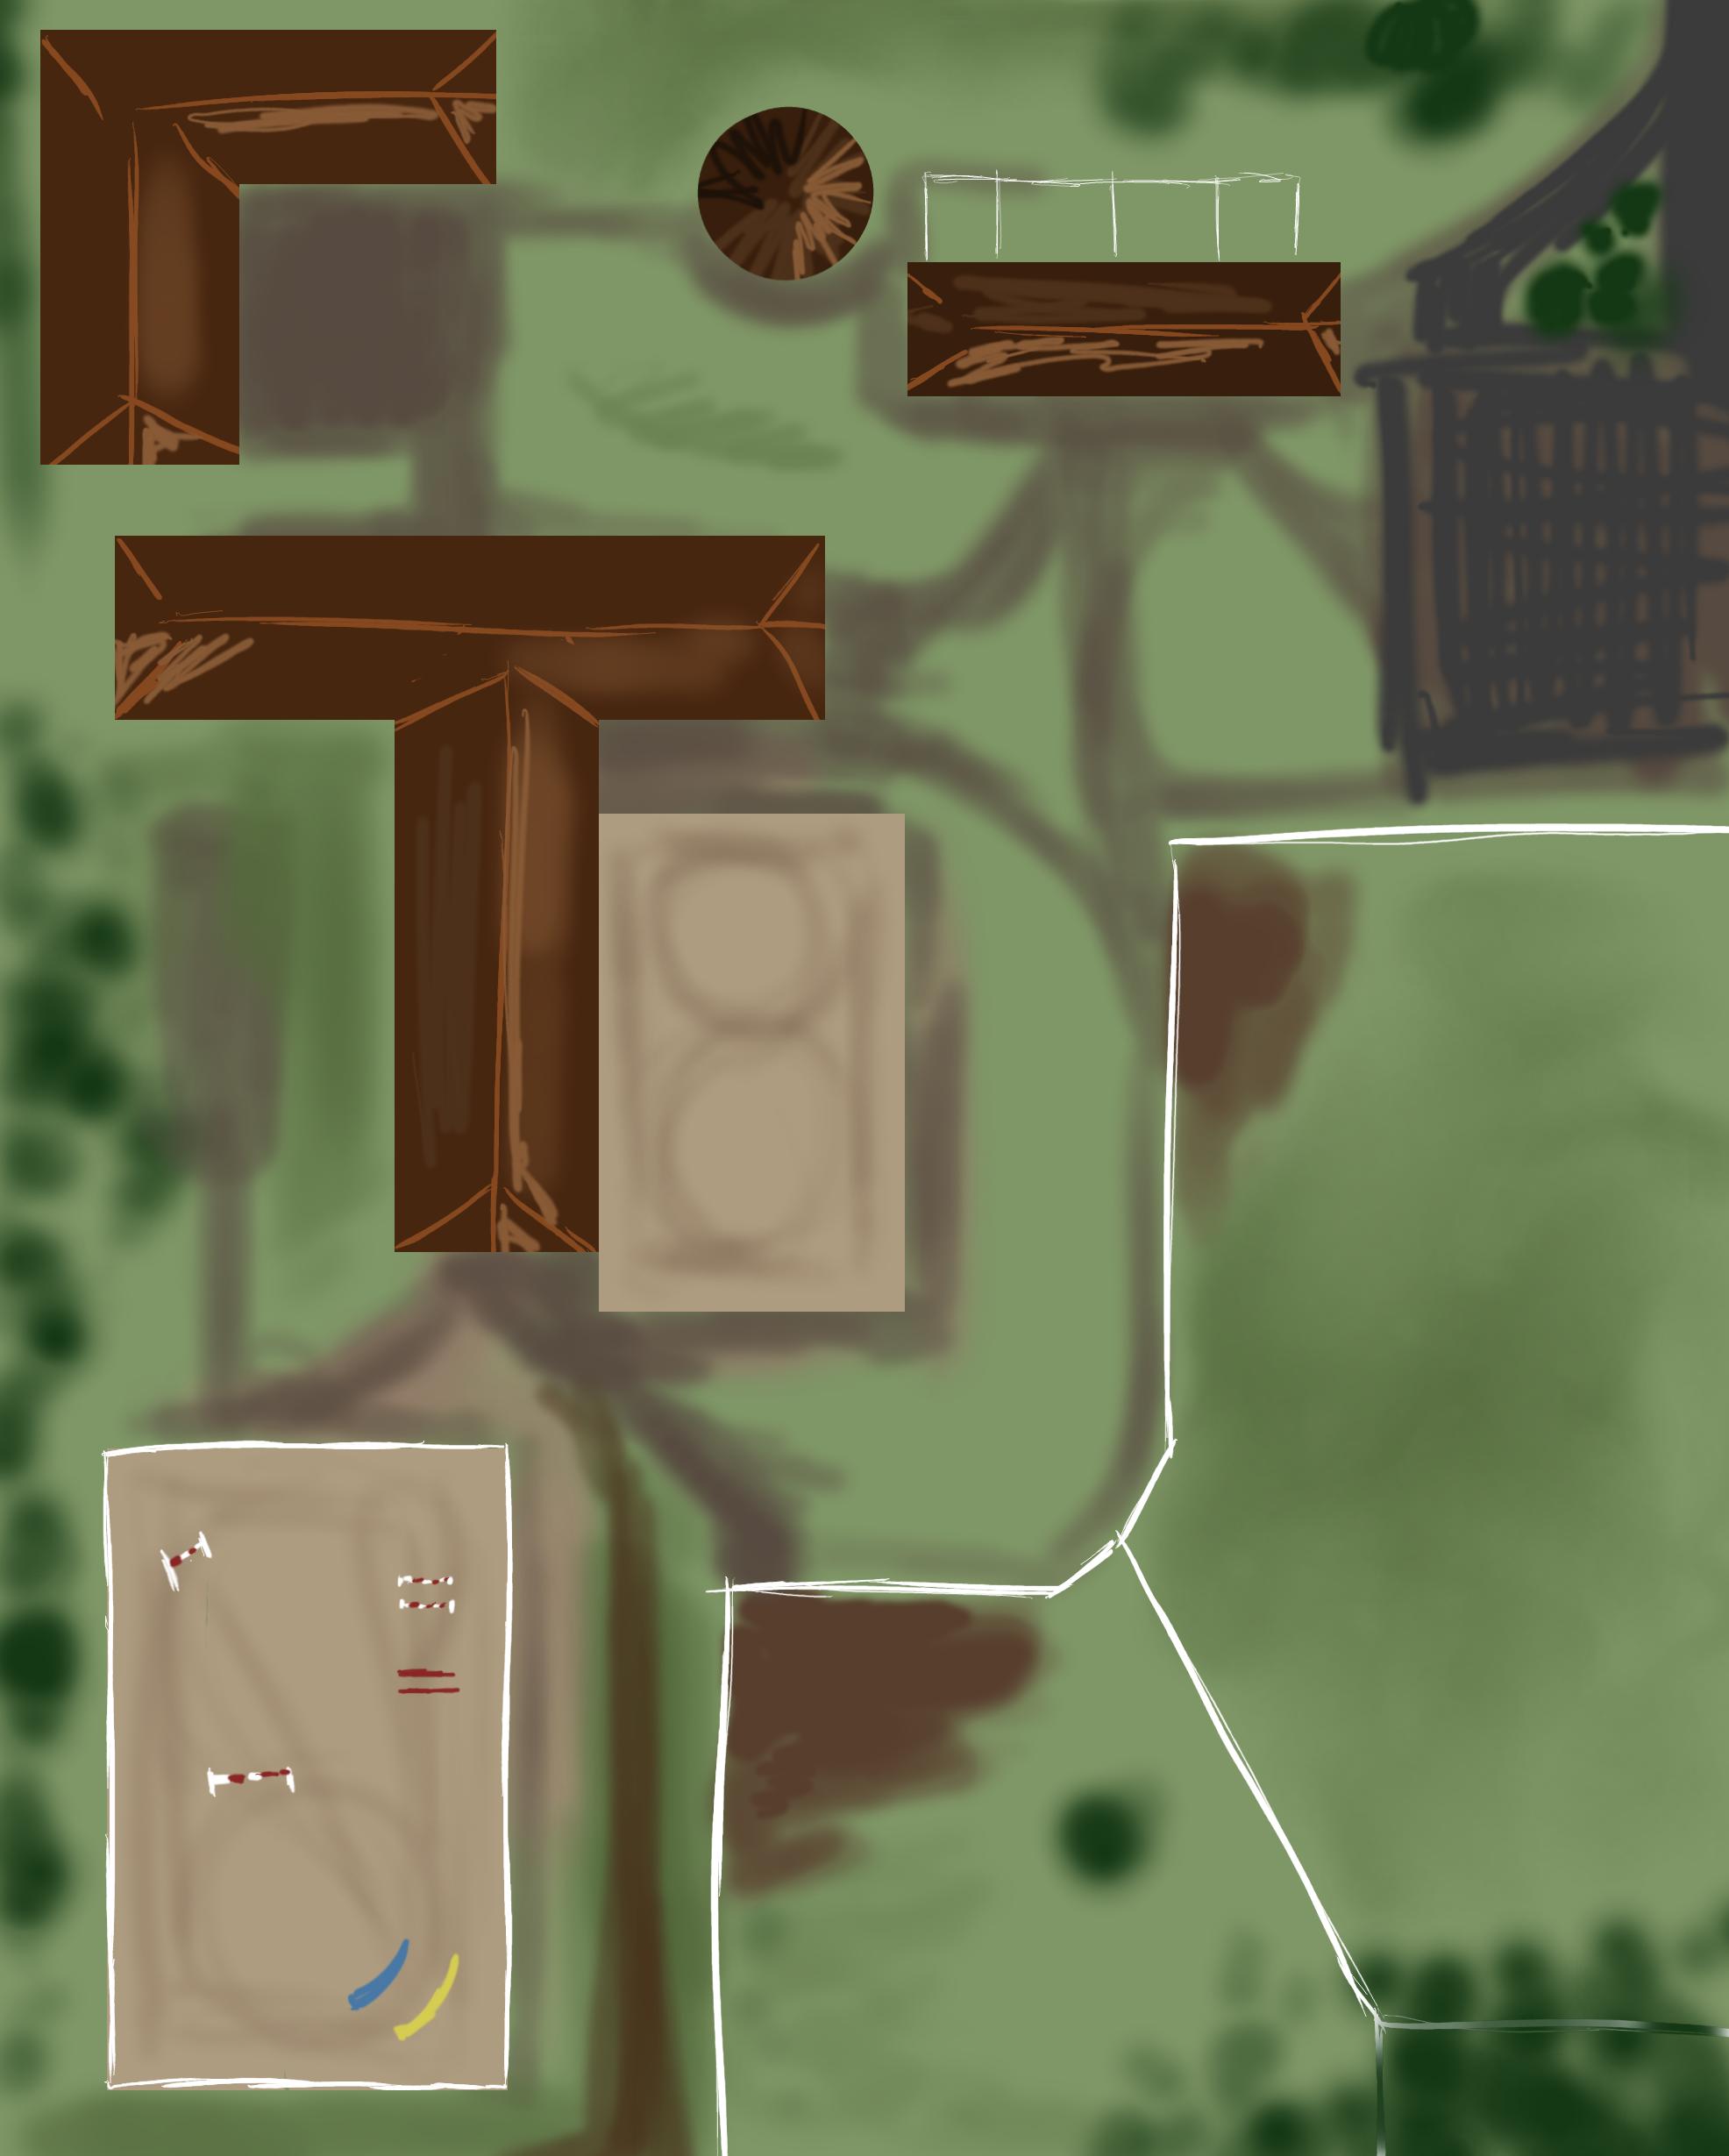 bellevue stable map by syhne on deviantart. Black Bedroom Furniture Sets. Home Design Ideas